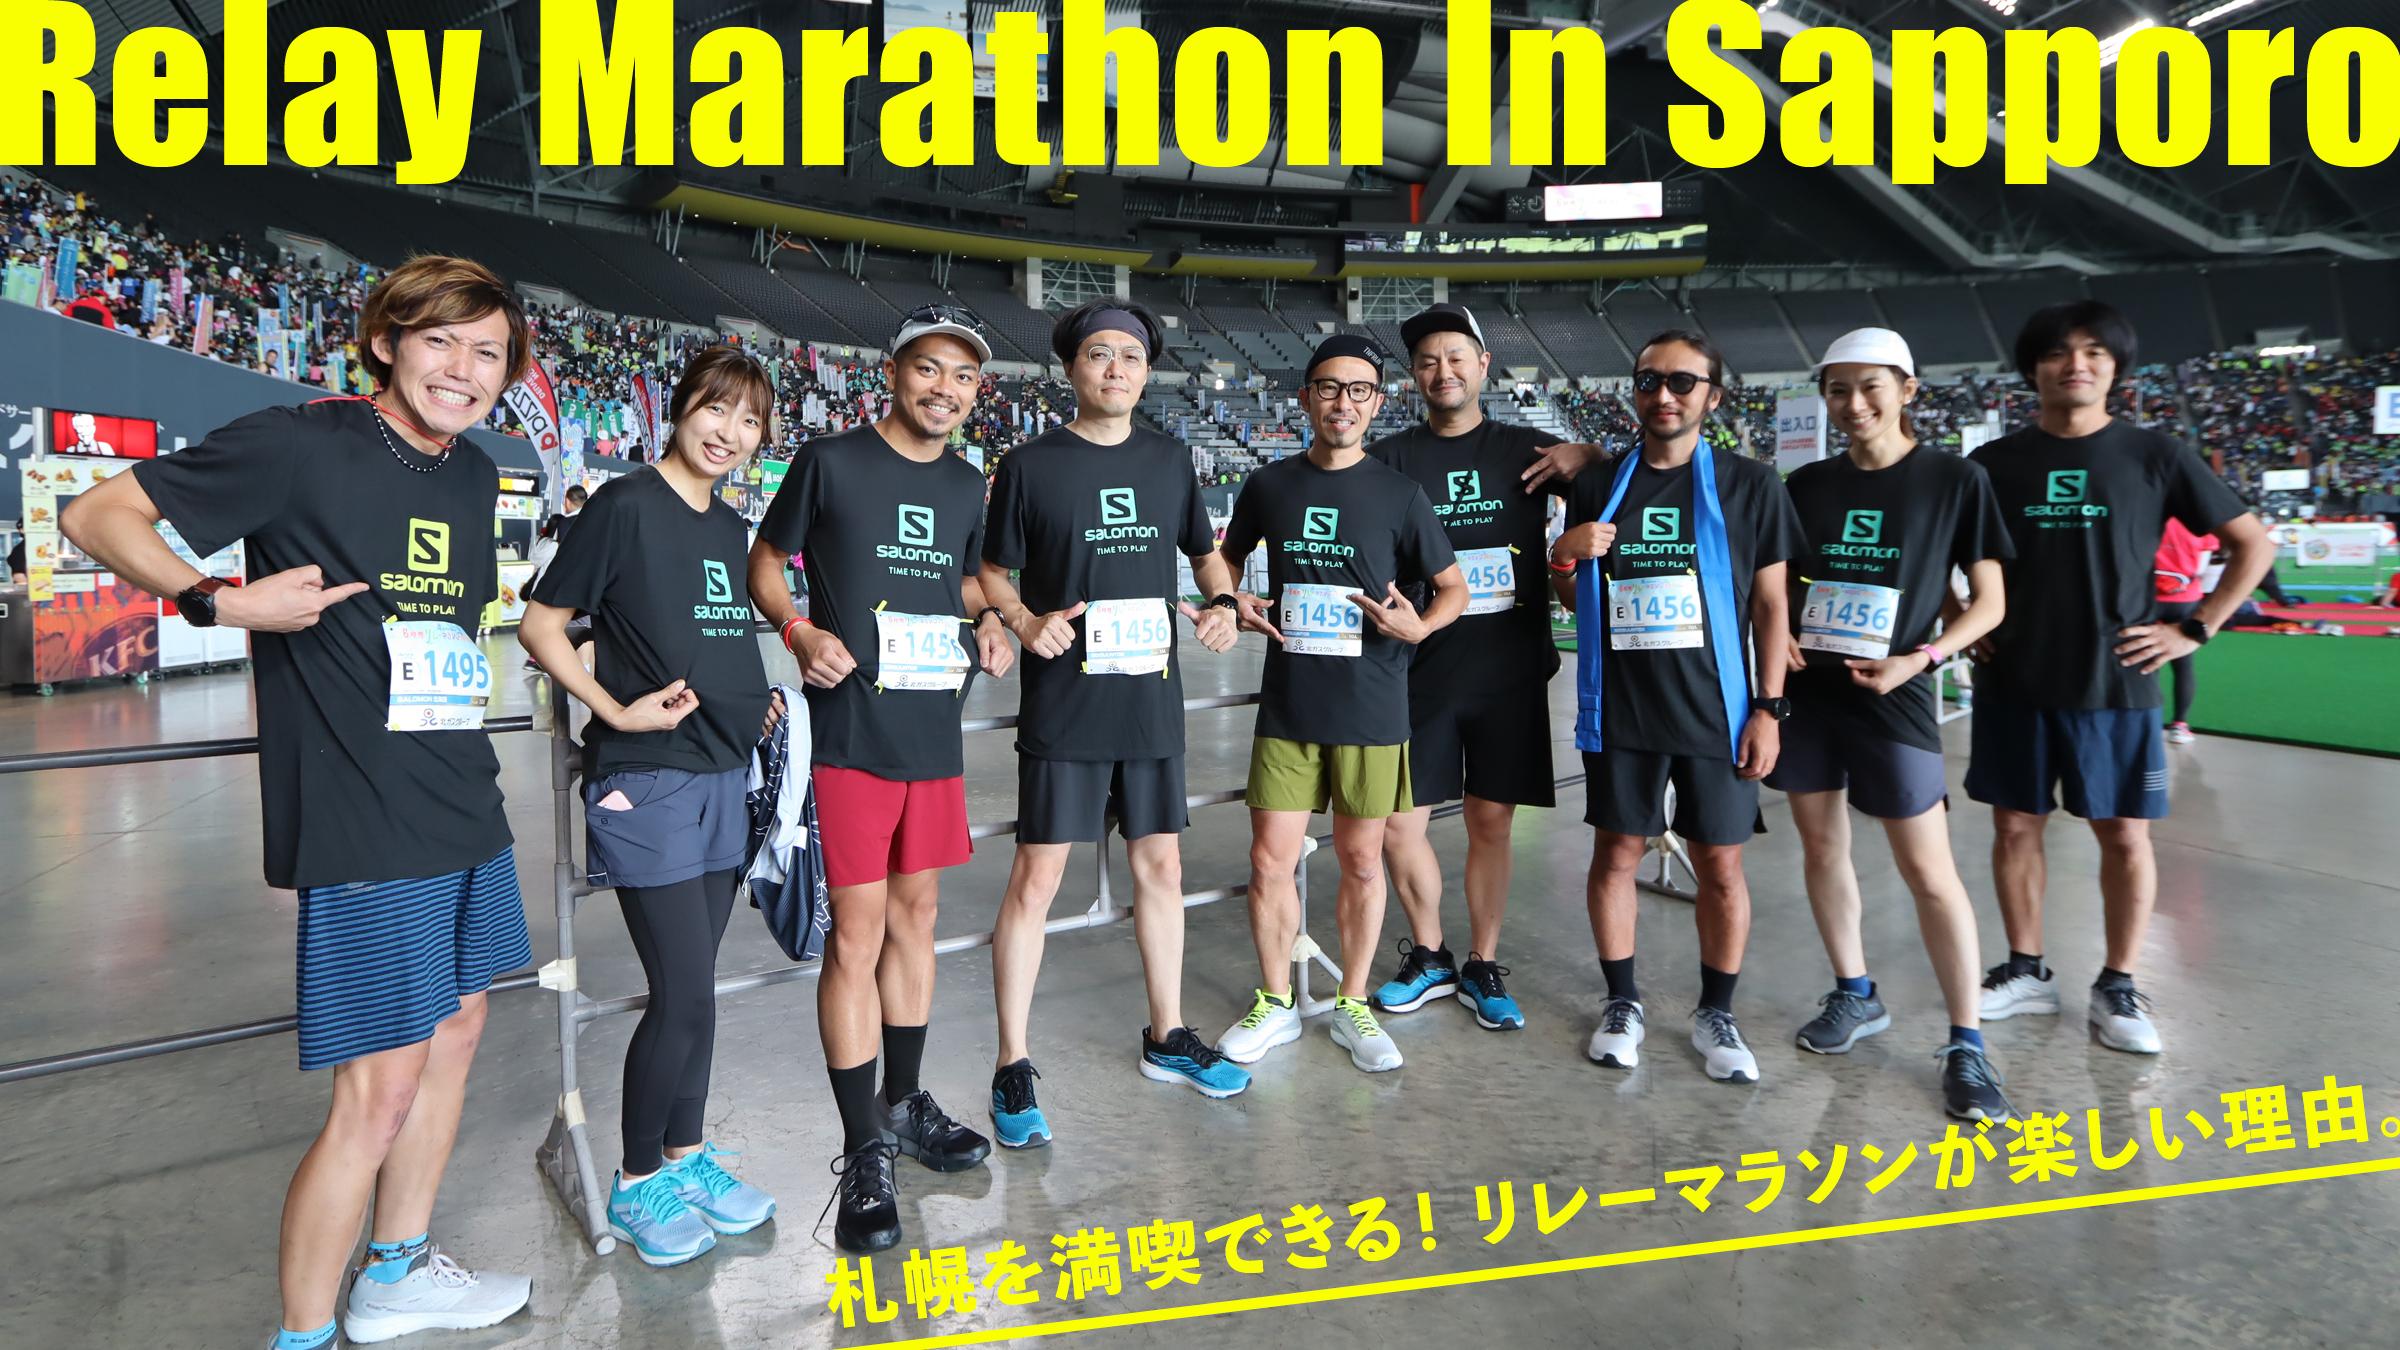 札幌を満喫できる! リレーマラソンが楽しい理由。